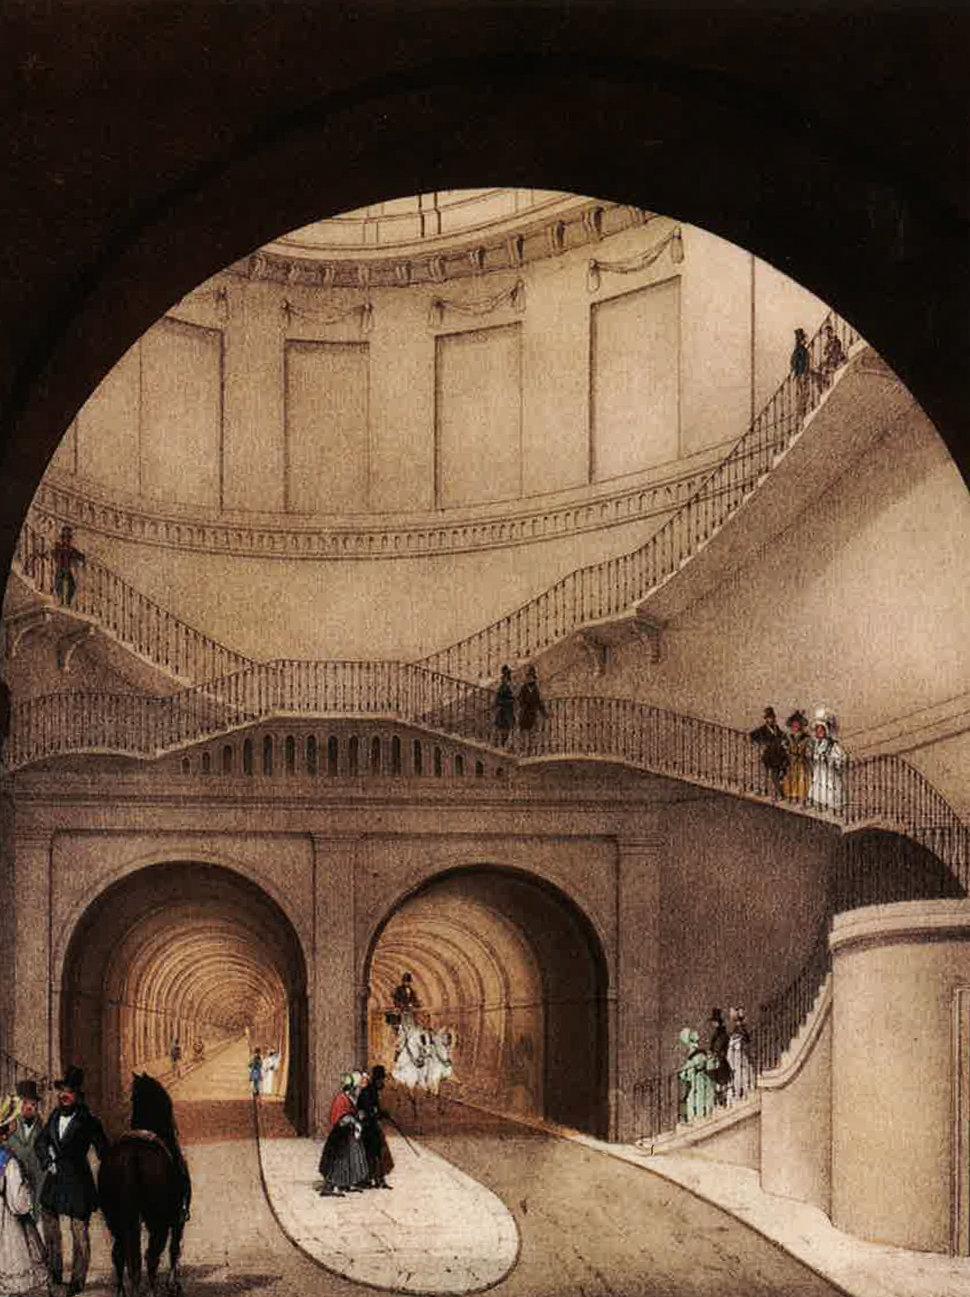 Puits vertical d'accès au Thames Tunnel